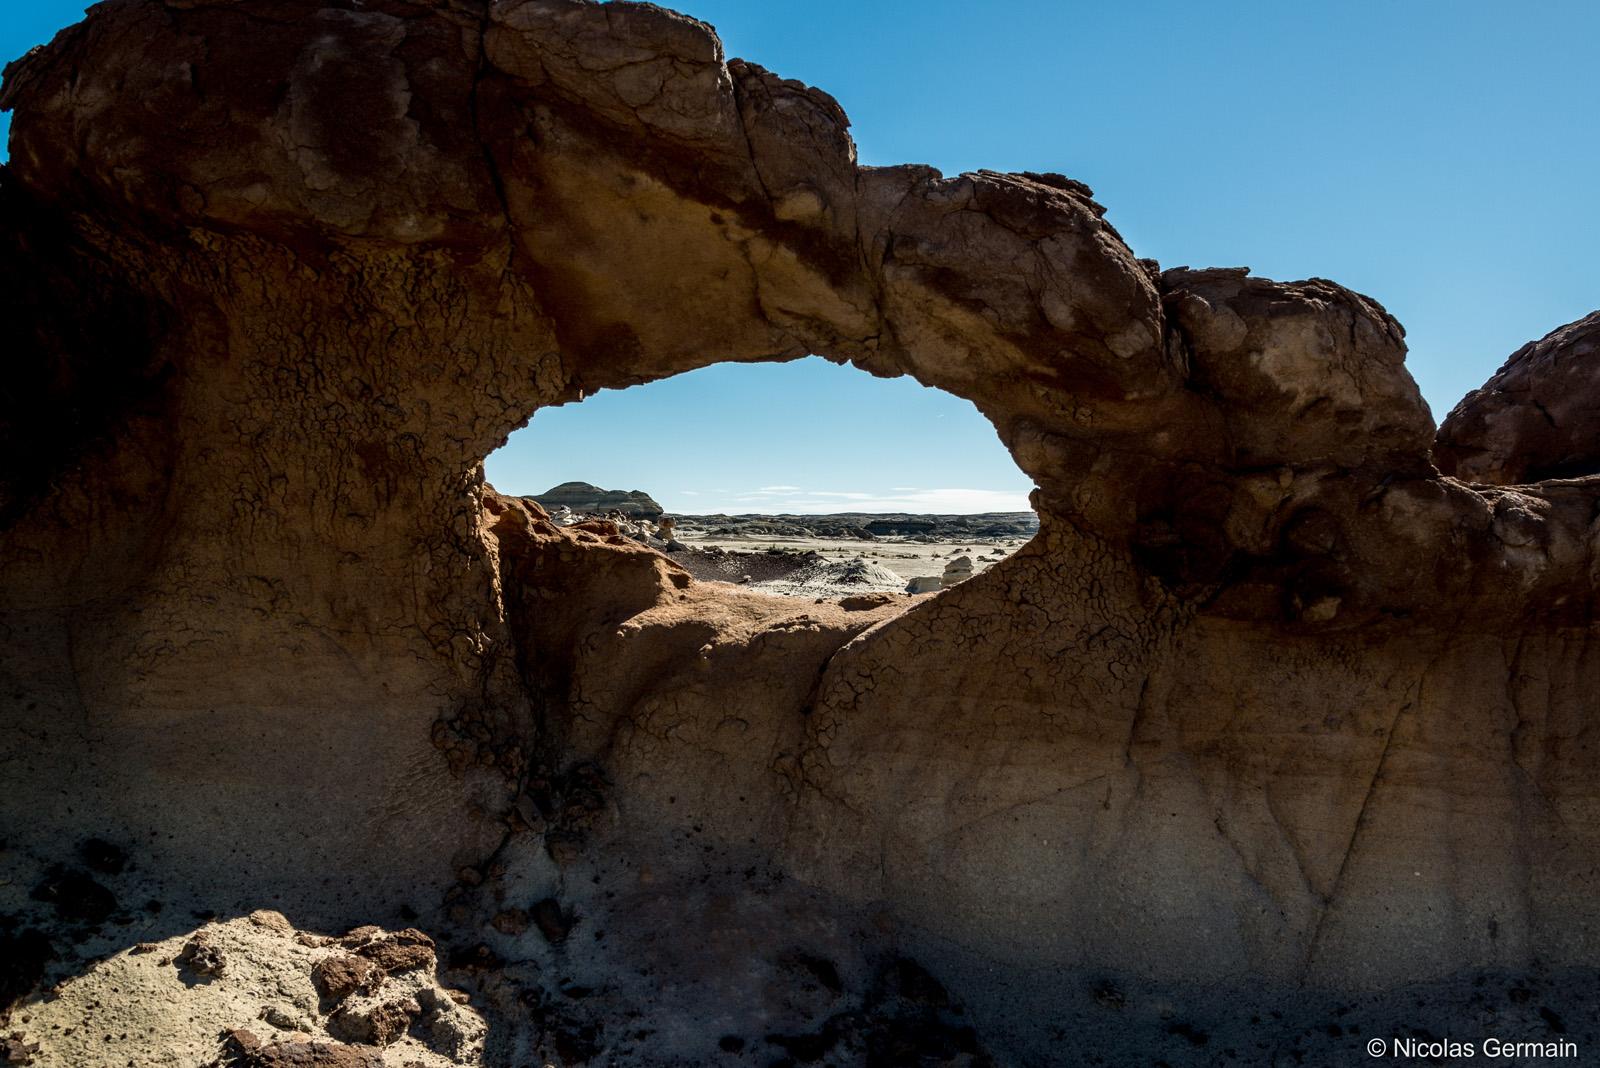 Une arche de très petite taille dans Bisti Badlands, Nouveau-Mexique